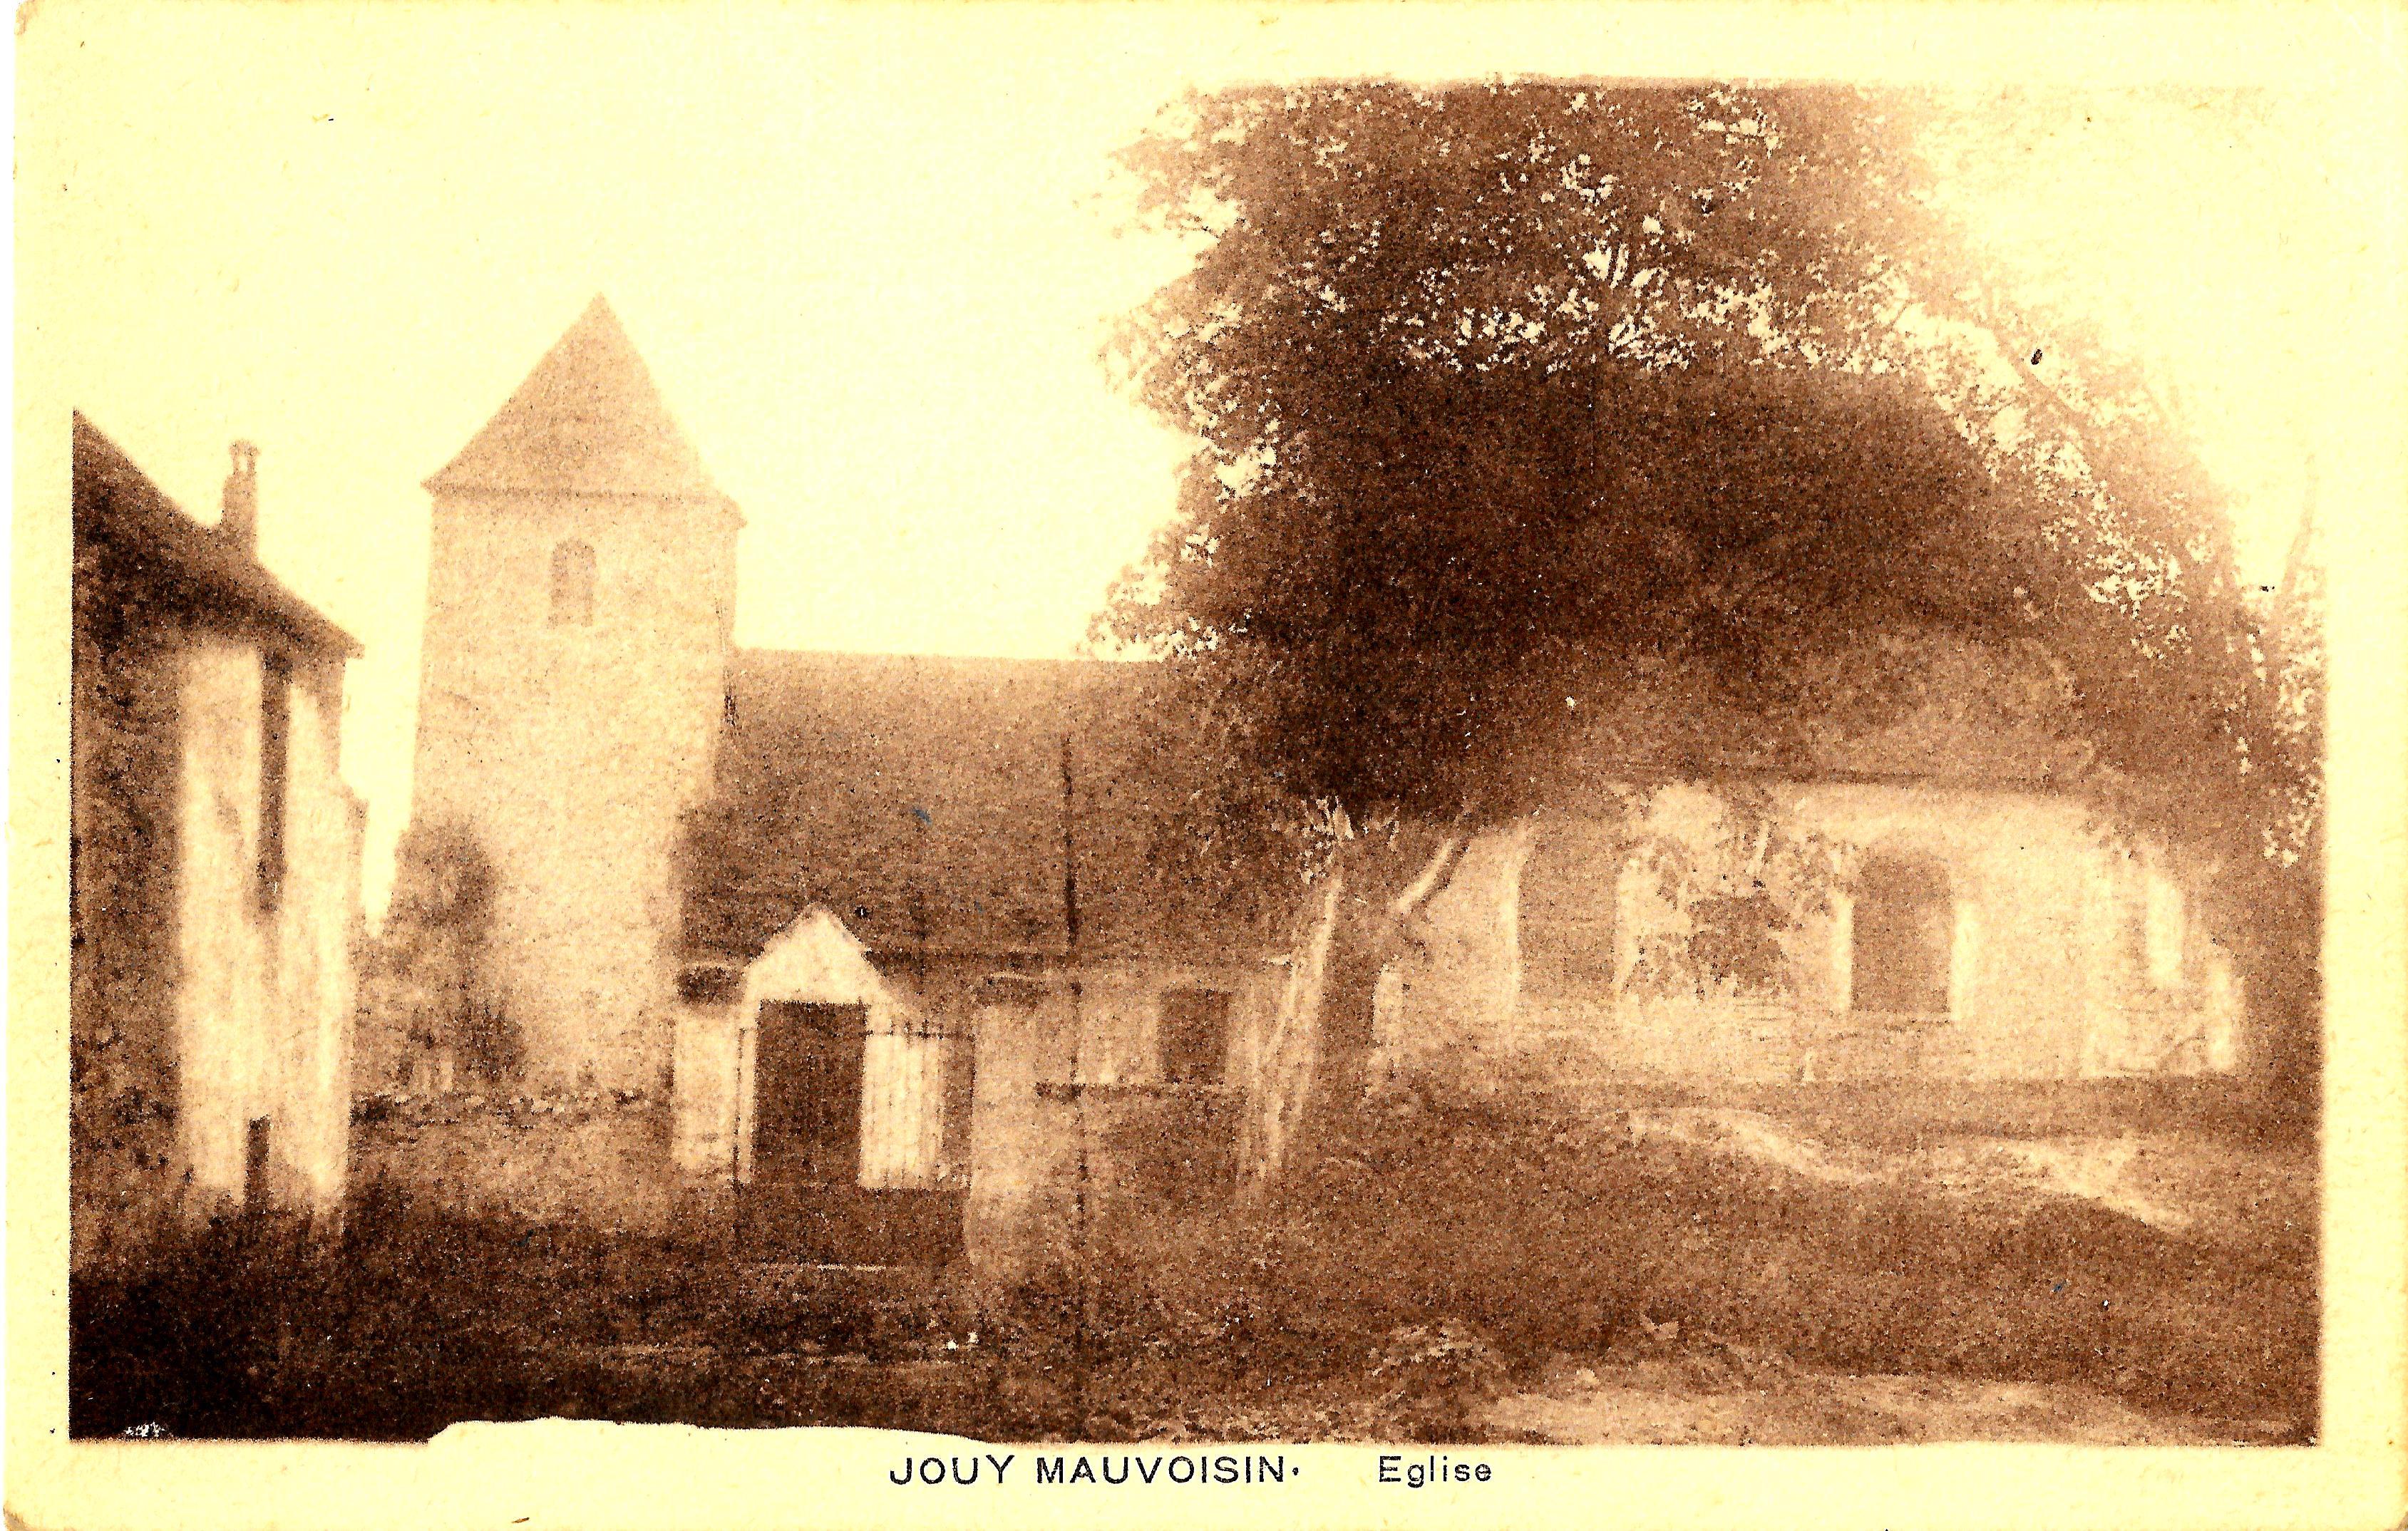 eglise-jouy-mauvoisin